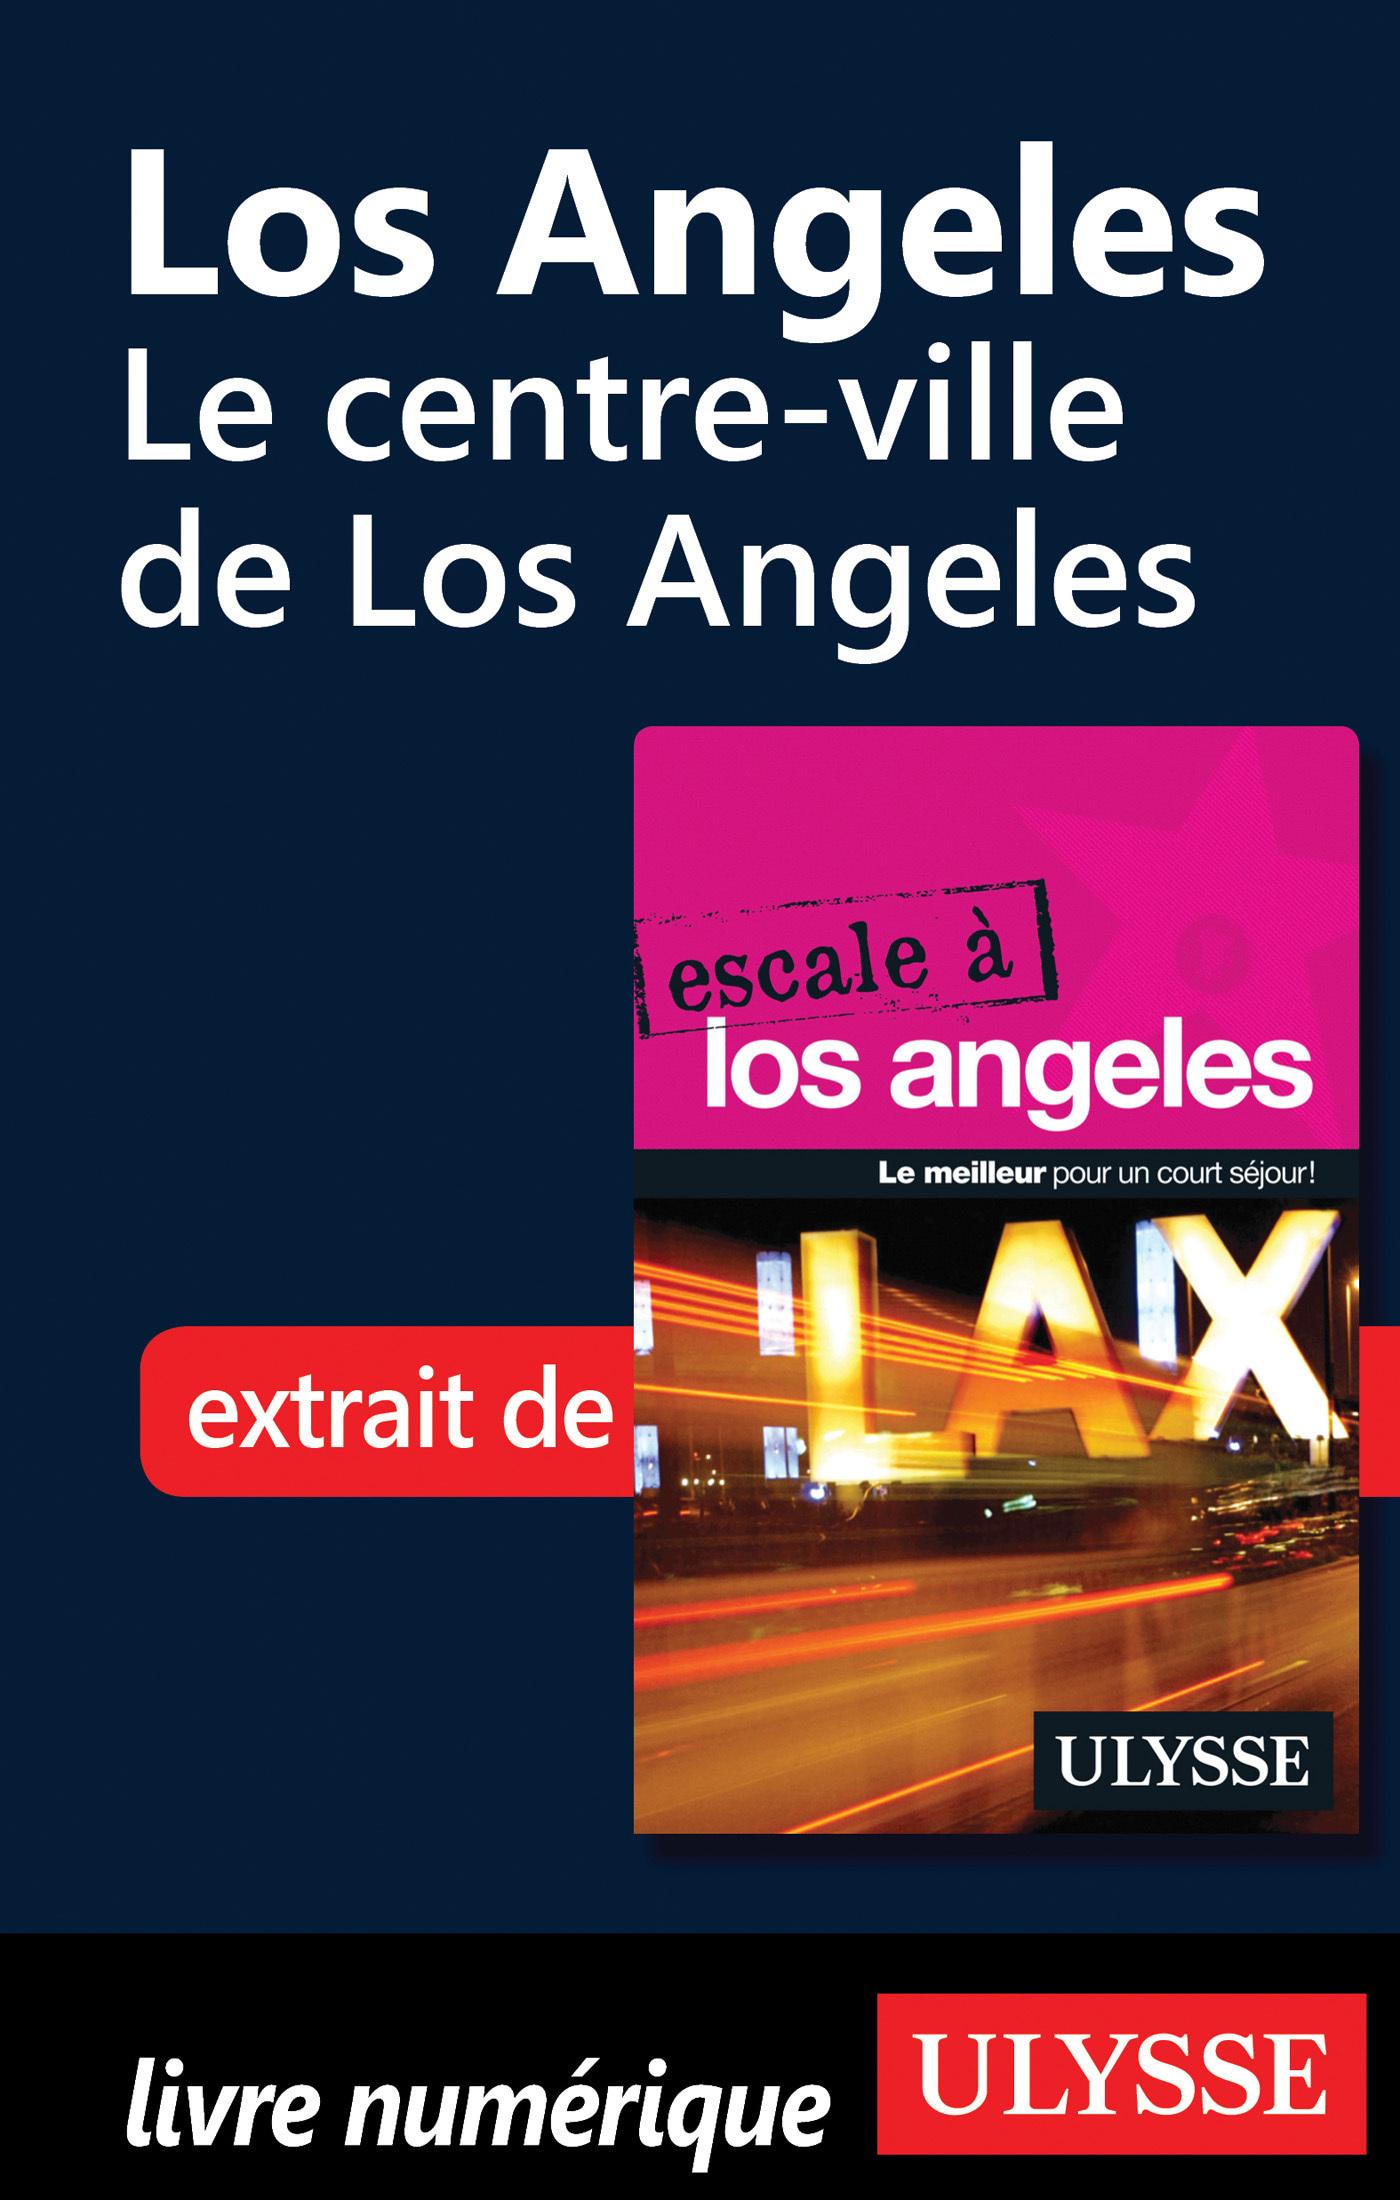 Le centre-ville de Los Angeles